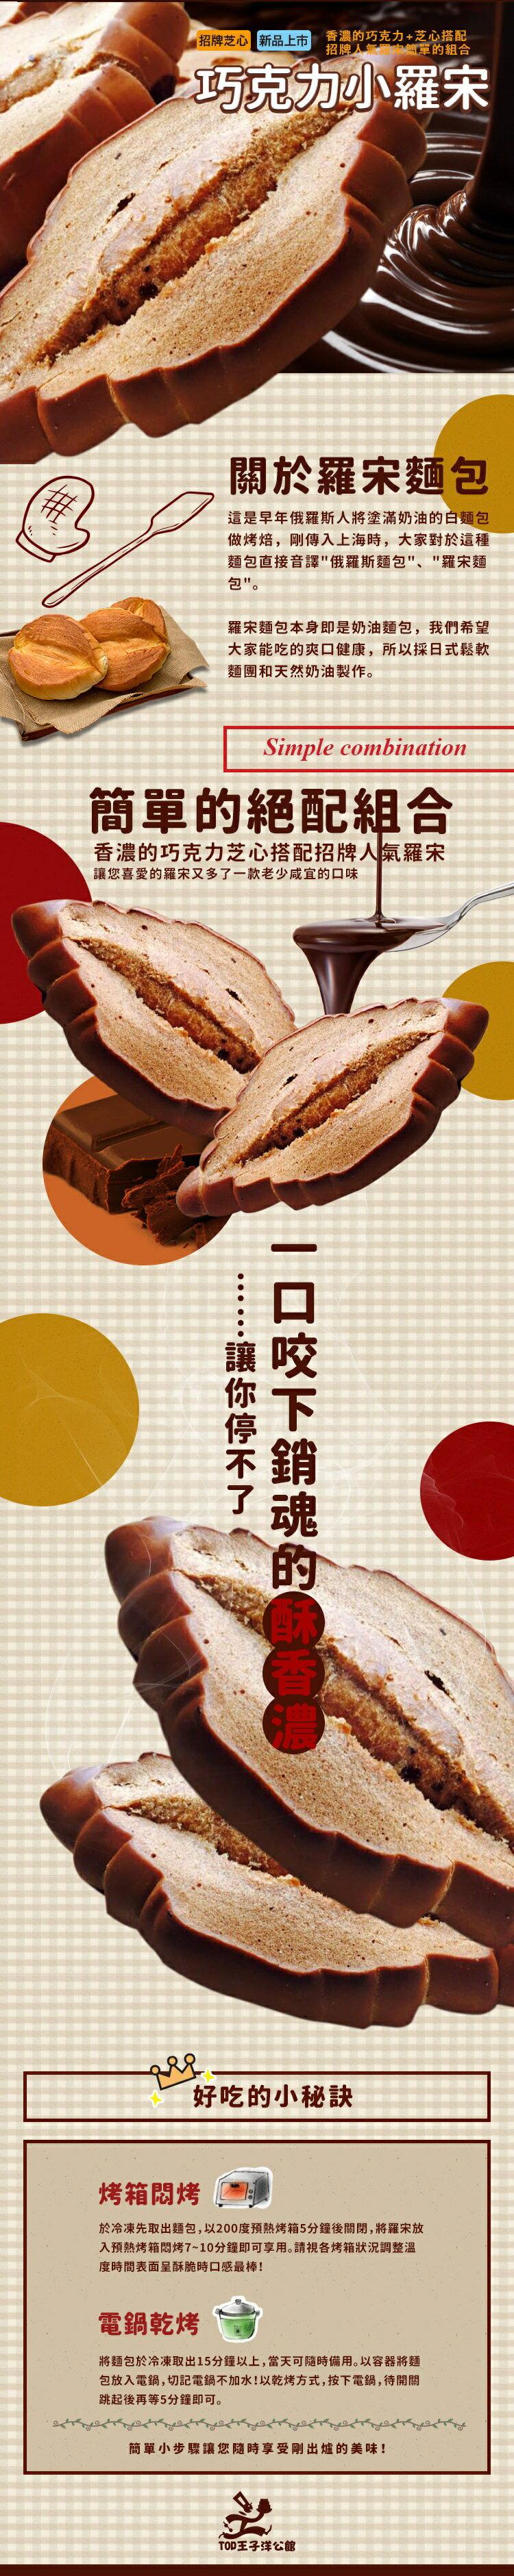 TOP招牌芝心 巧克力小羅宋三片 2